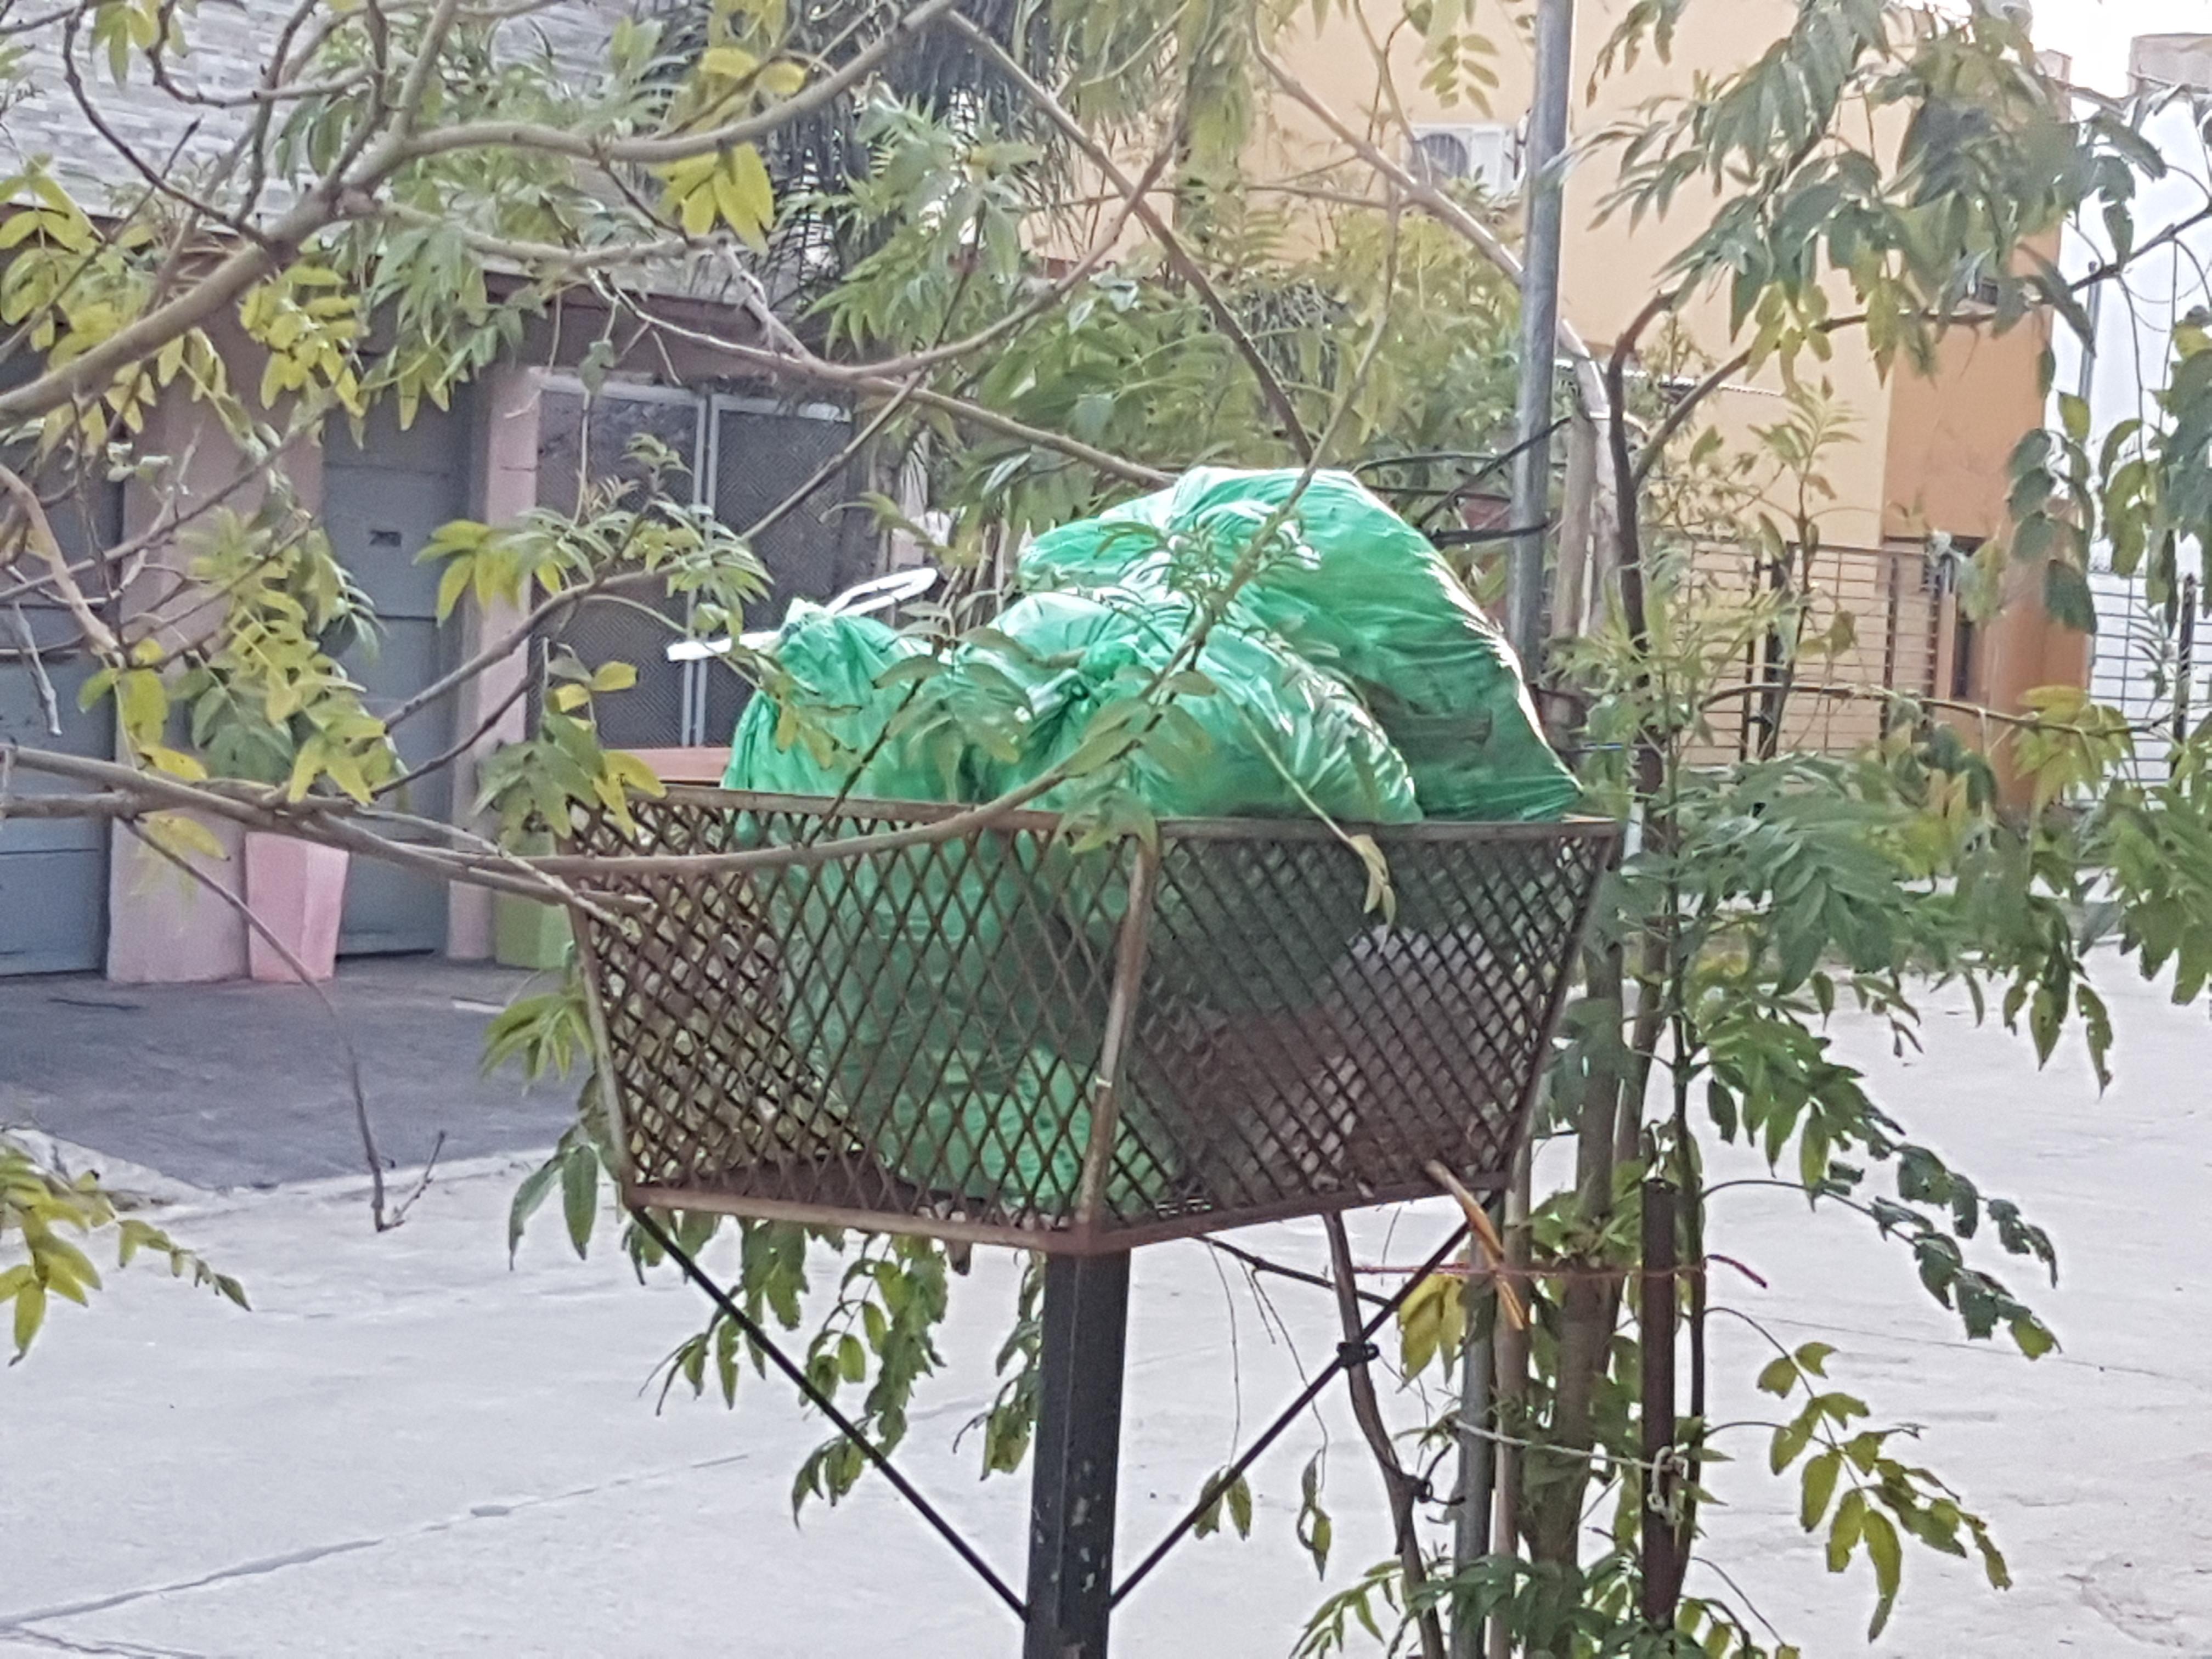 La ciudad se encuentra invadida de bolsas de residuos habituales en los canastos, las cuales no han sido retiradas debido a una medida gremial que llevan adelante trabajadores municipales de la recolección ante la falta de la ropa de trabajo. Este problema tiende a quedar zanjado en las próximas horas.